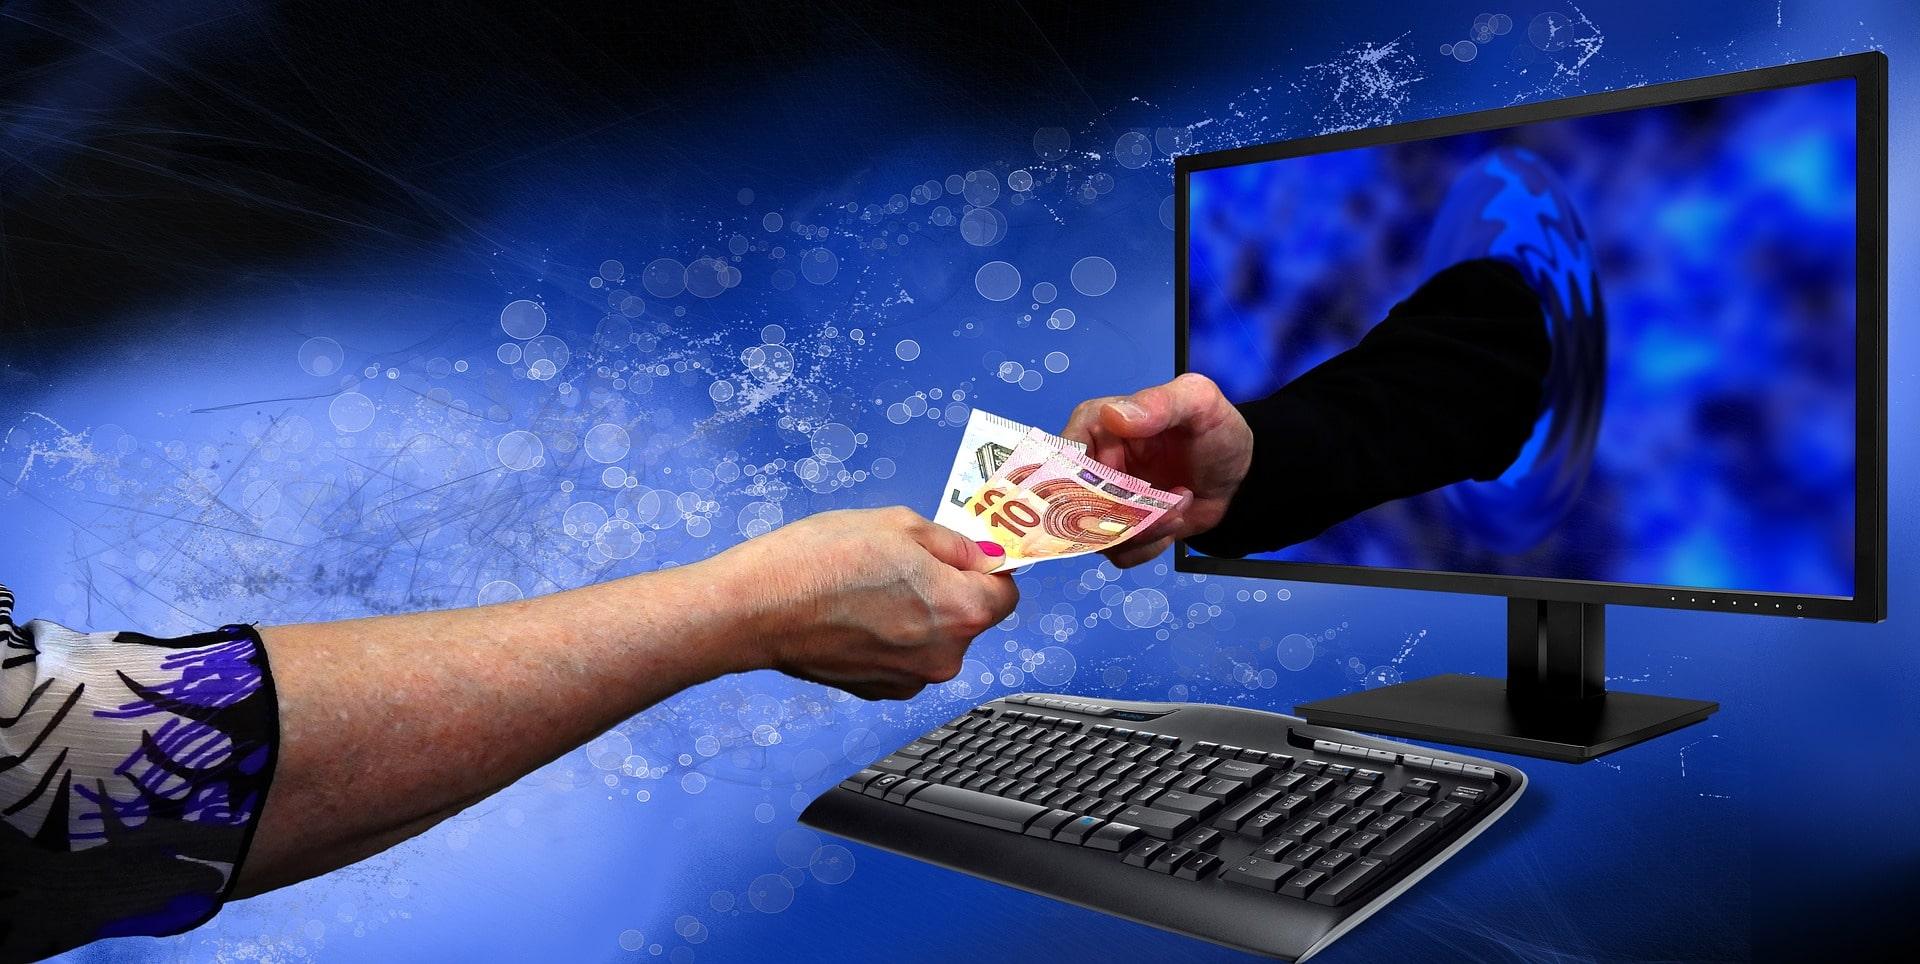 Wartung und Pflege von Webservern ist wichtig